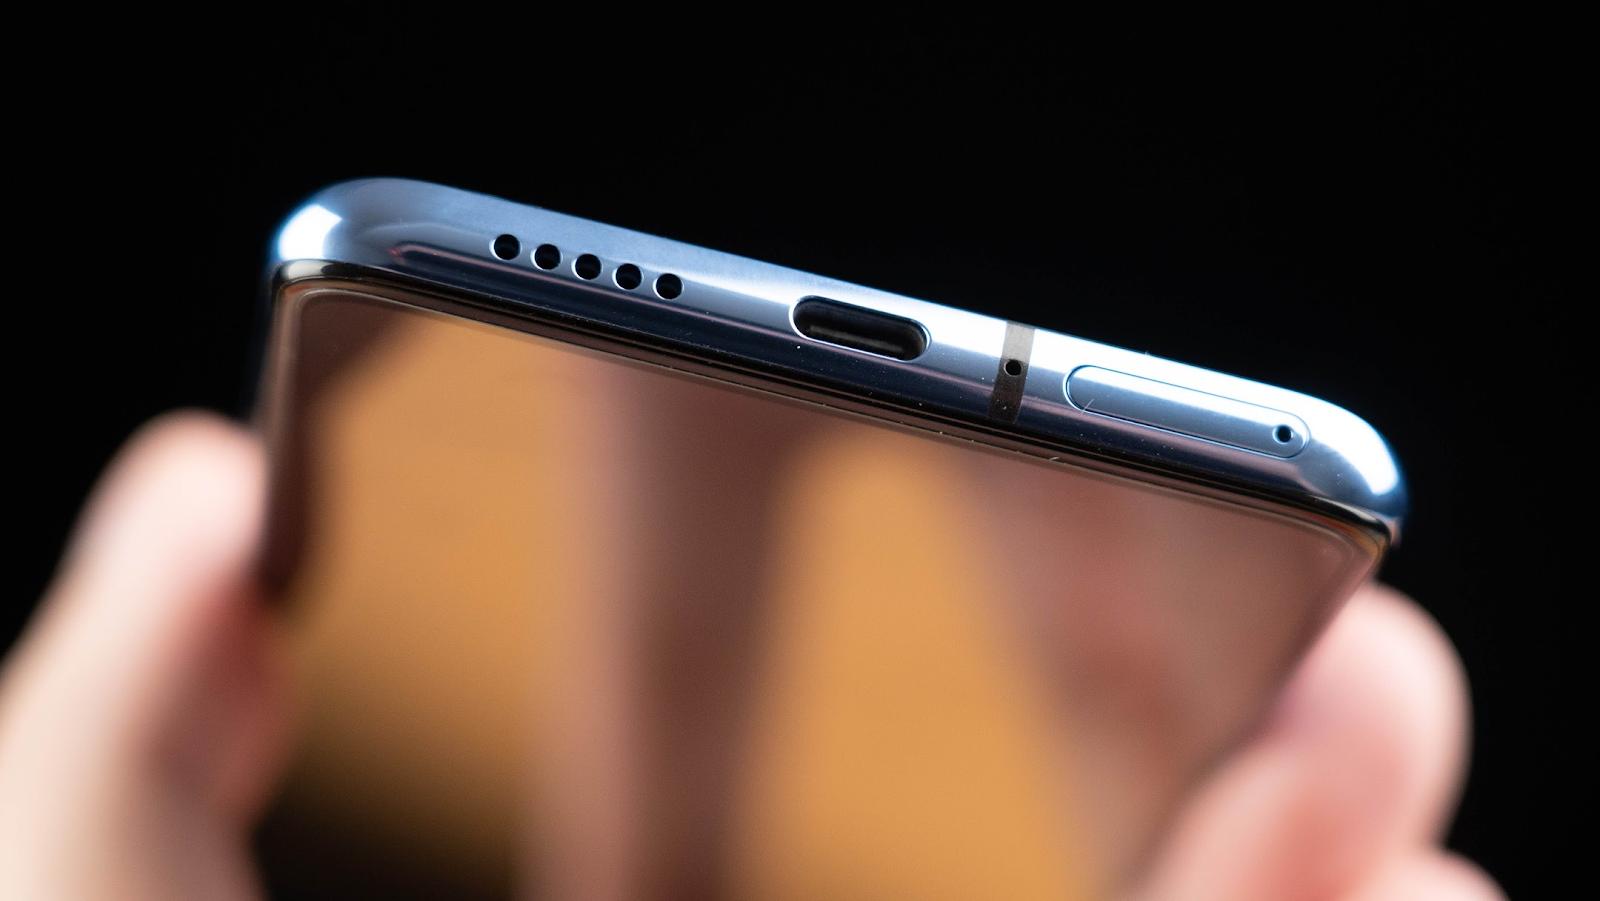 開箱在京東買的一加 OnePlus 7T!該怎麼安裝 Google、刷氧OS? - 6